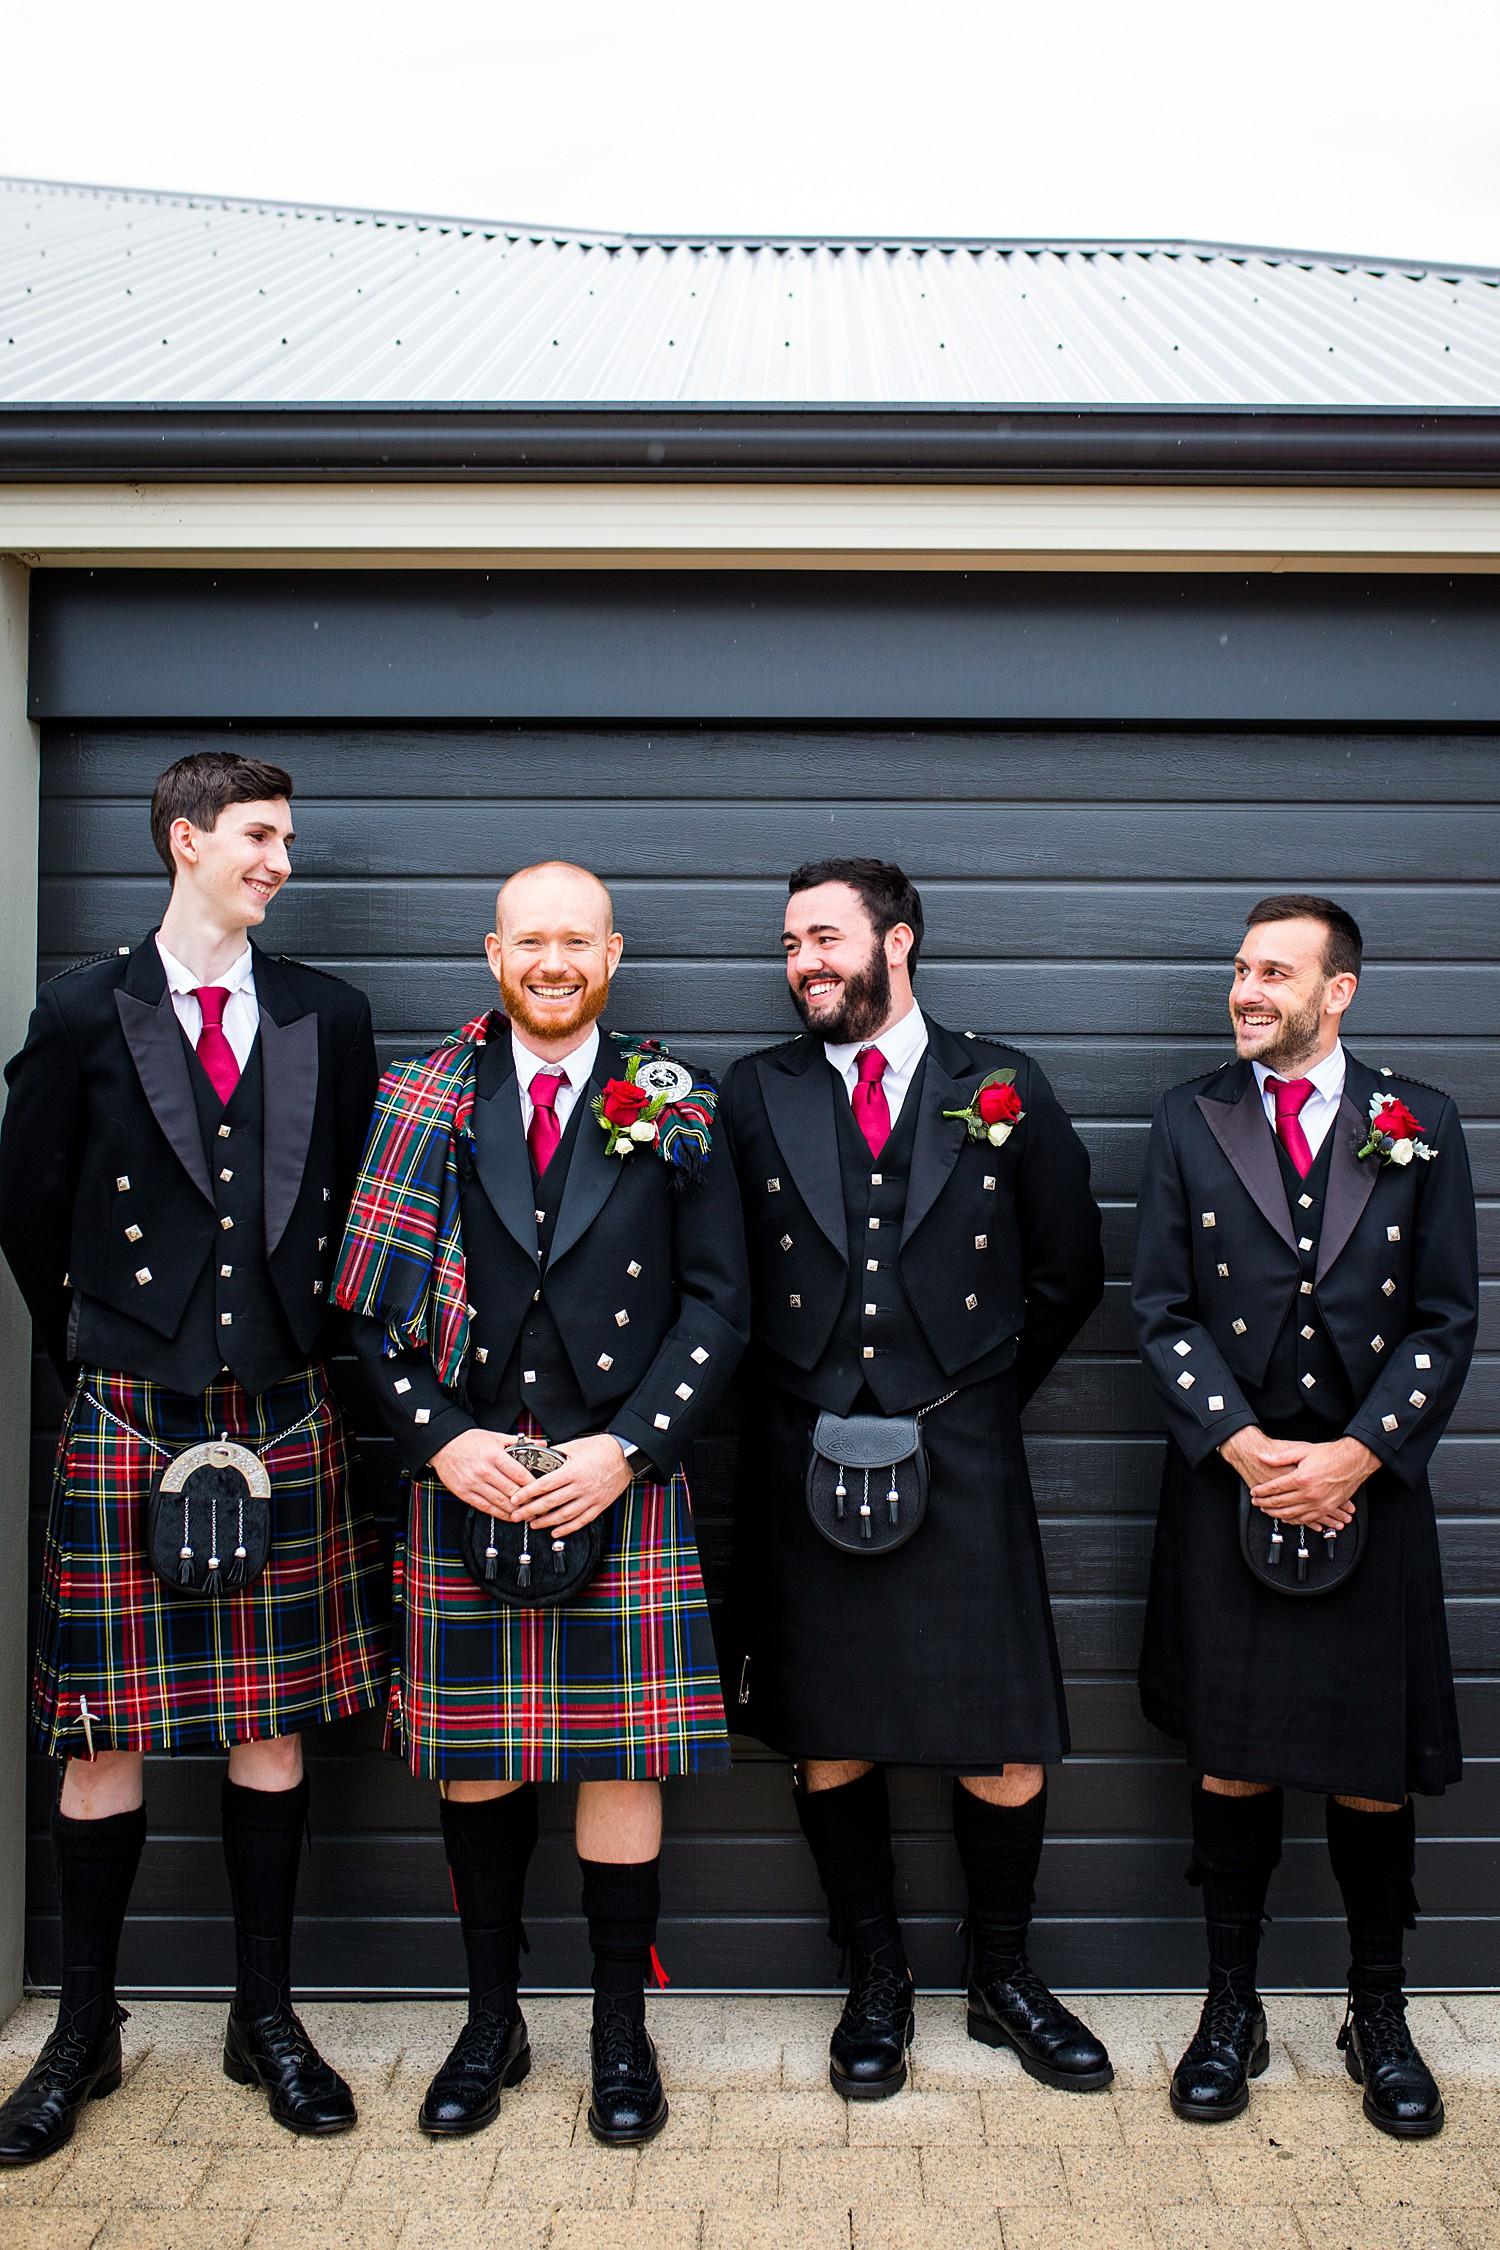 perth_swan_valley_scottish_rainy_wedding_0025.jpg